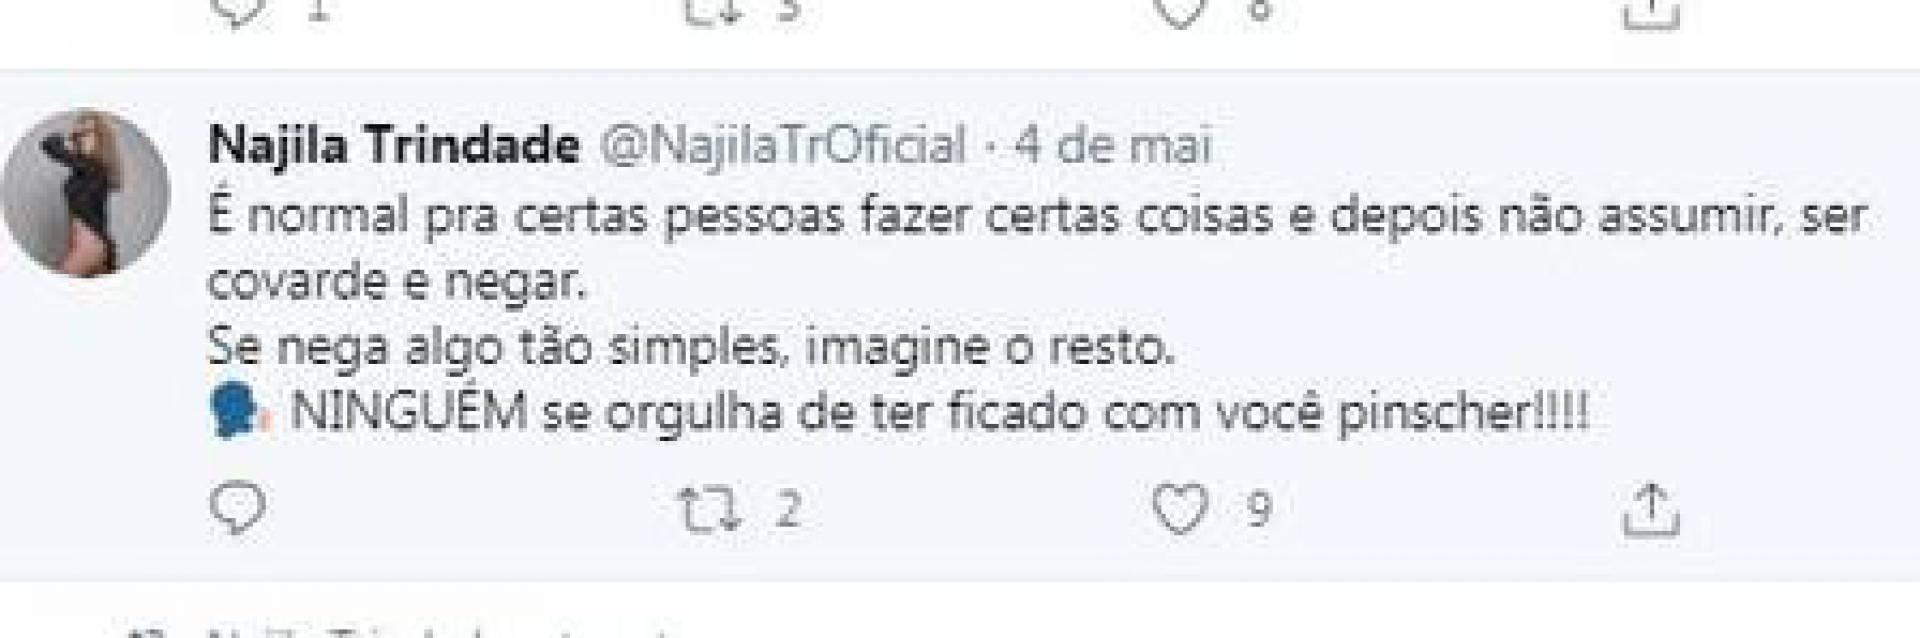 Najila Trindade volta às redes sociais, posta fotos sensuais e manda indireta para Neymar